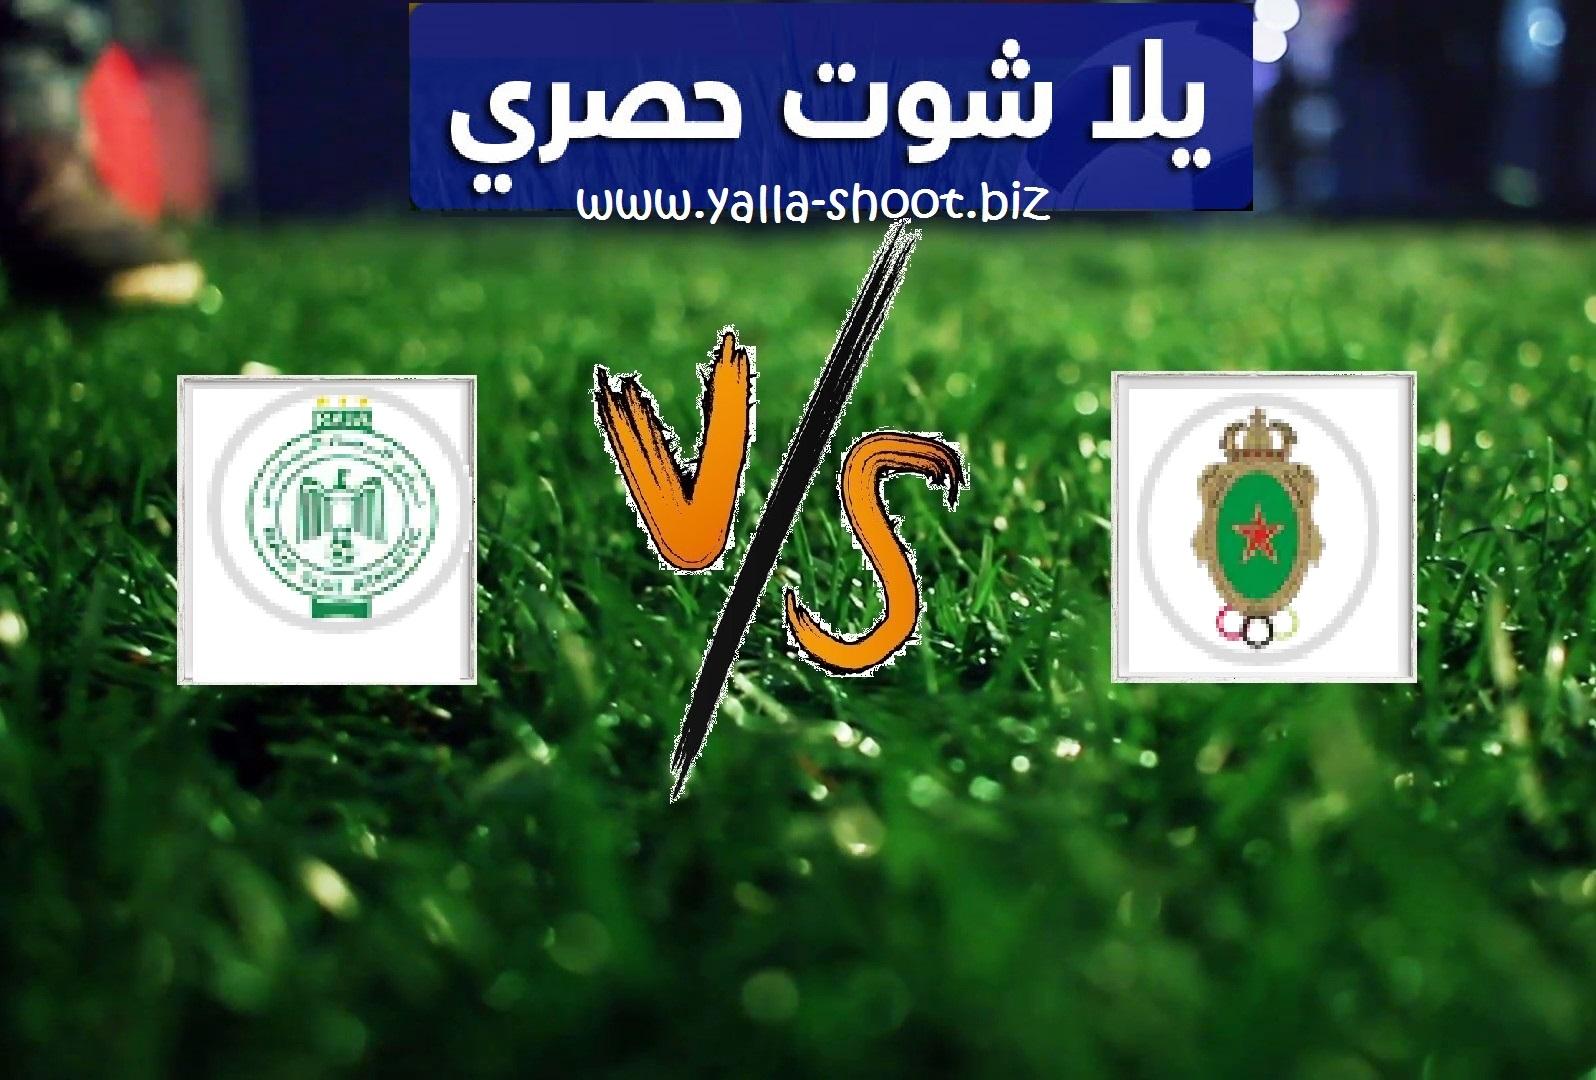 نتيجة مباراة الجيش الملكي والرجاء الرياضي بتاريخ 12-02-2020 الدوري المغربي